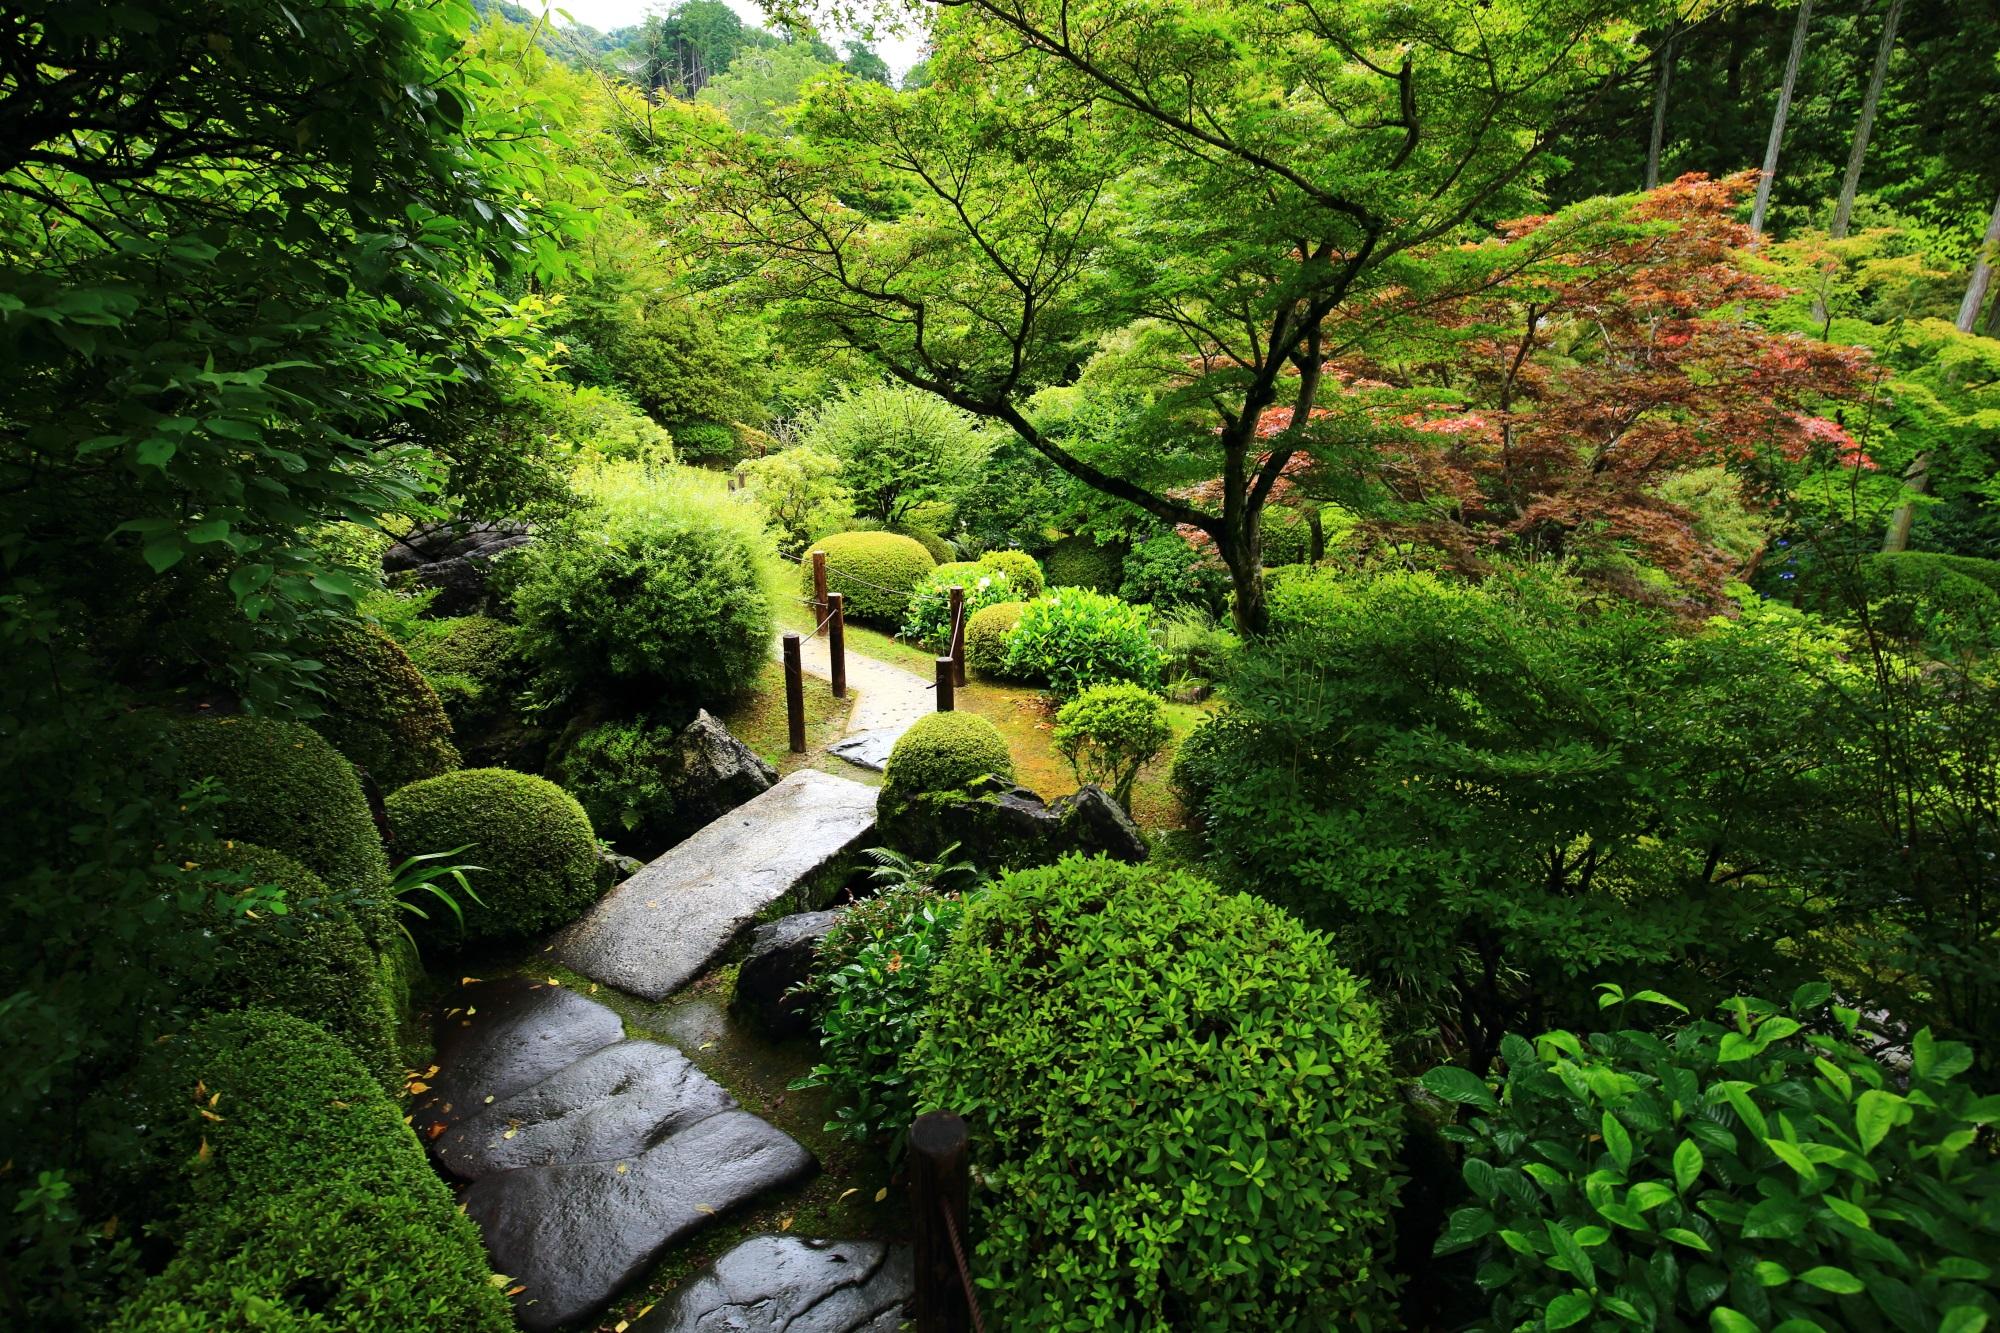 三室戸寺の多種多様な緑につつまれる池泉式庭園